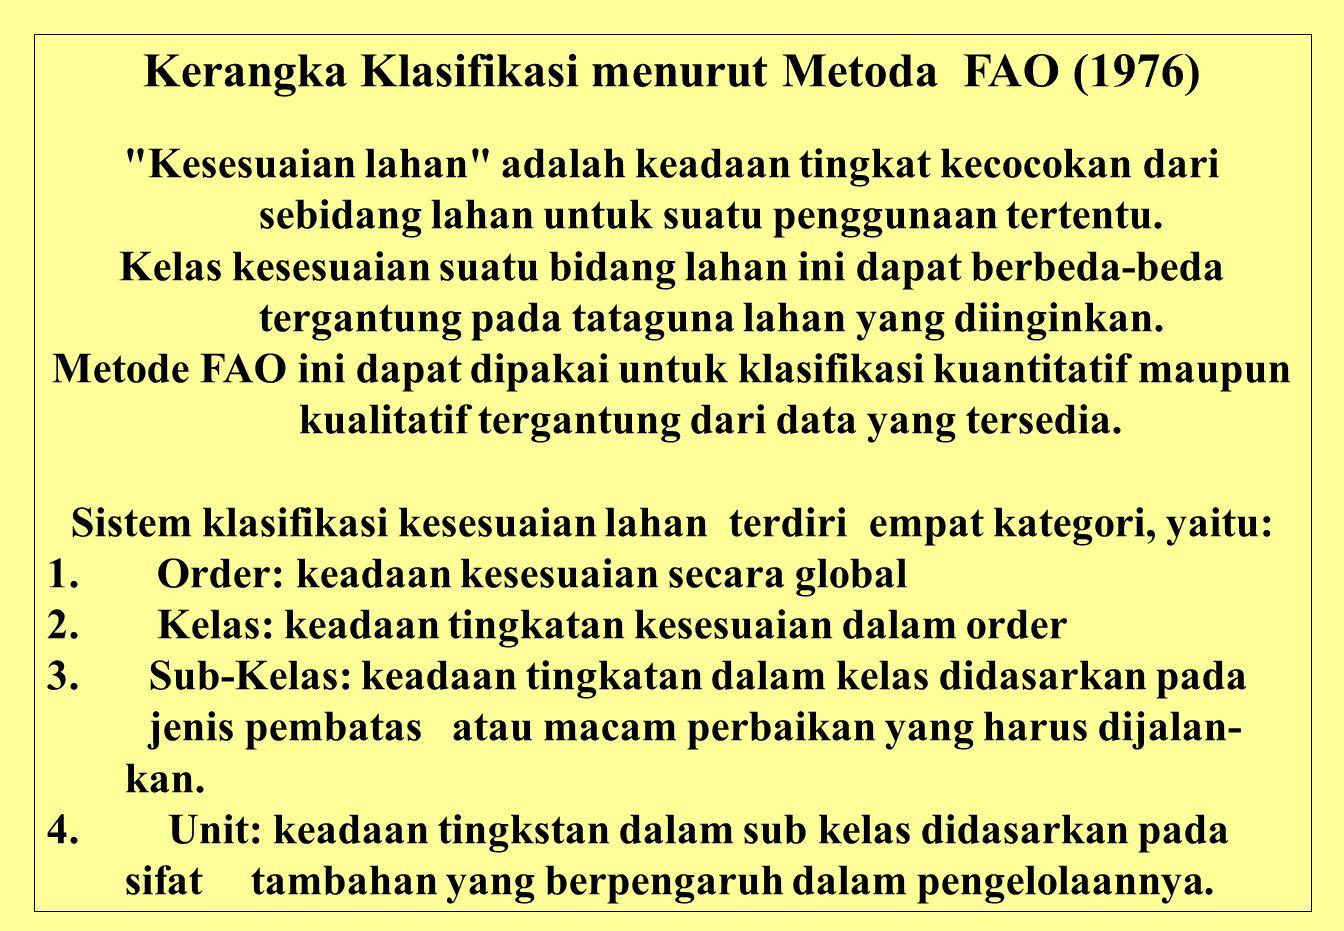 Kerangka Klasifikasi menurut Metoda FAO (1976) Kesesuaian lahan adalah keadaan tingkat kecocokan dari sebidang lahan untuk suatu penggunaan tertentu.